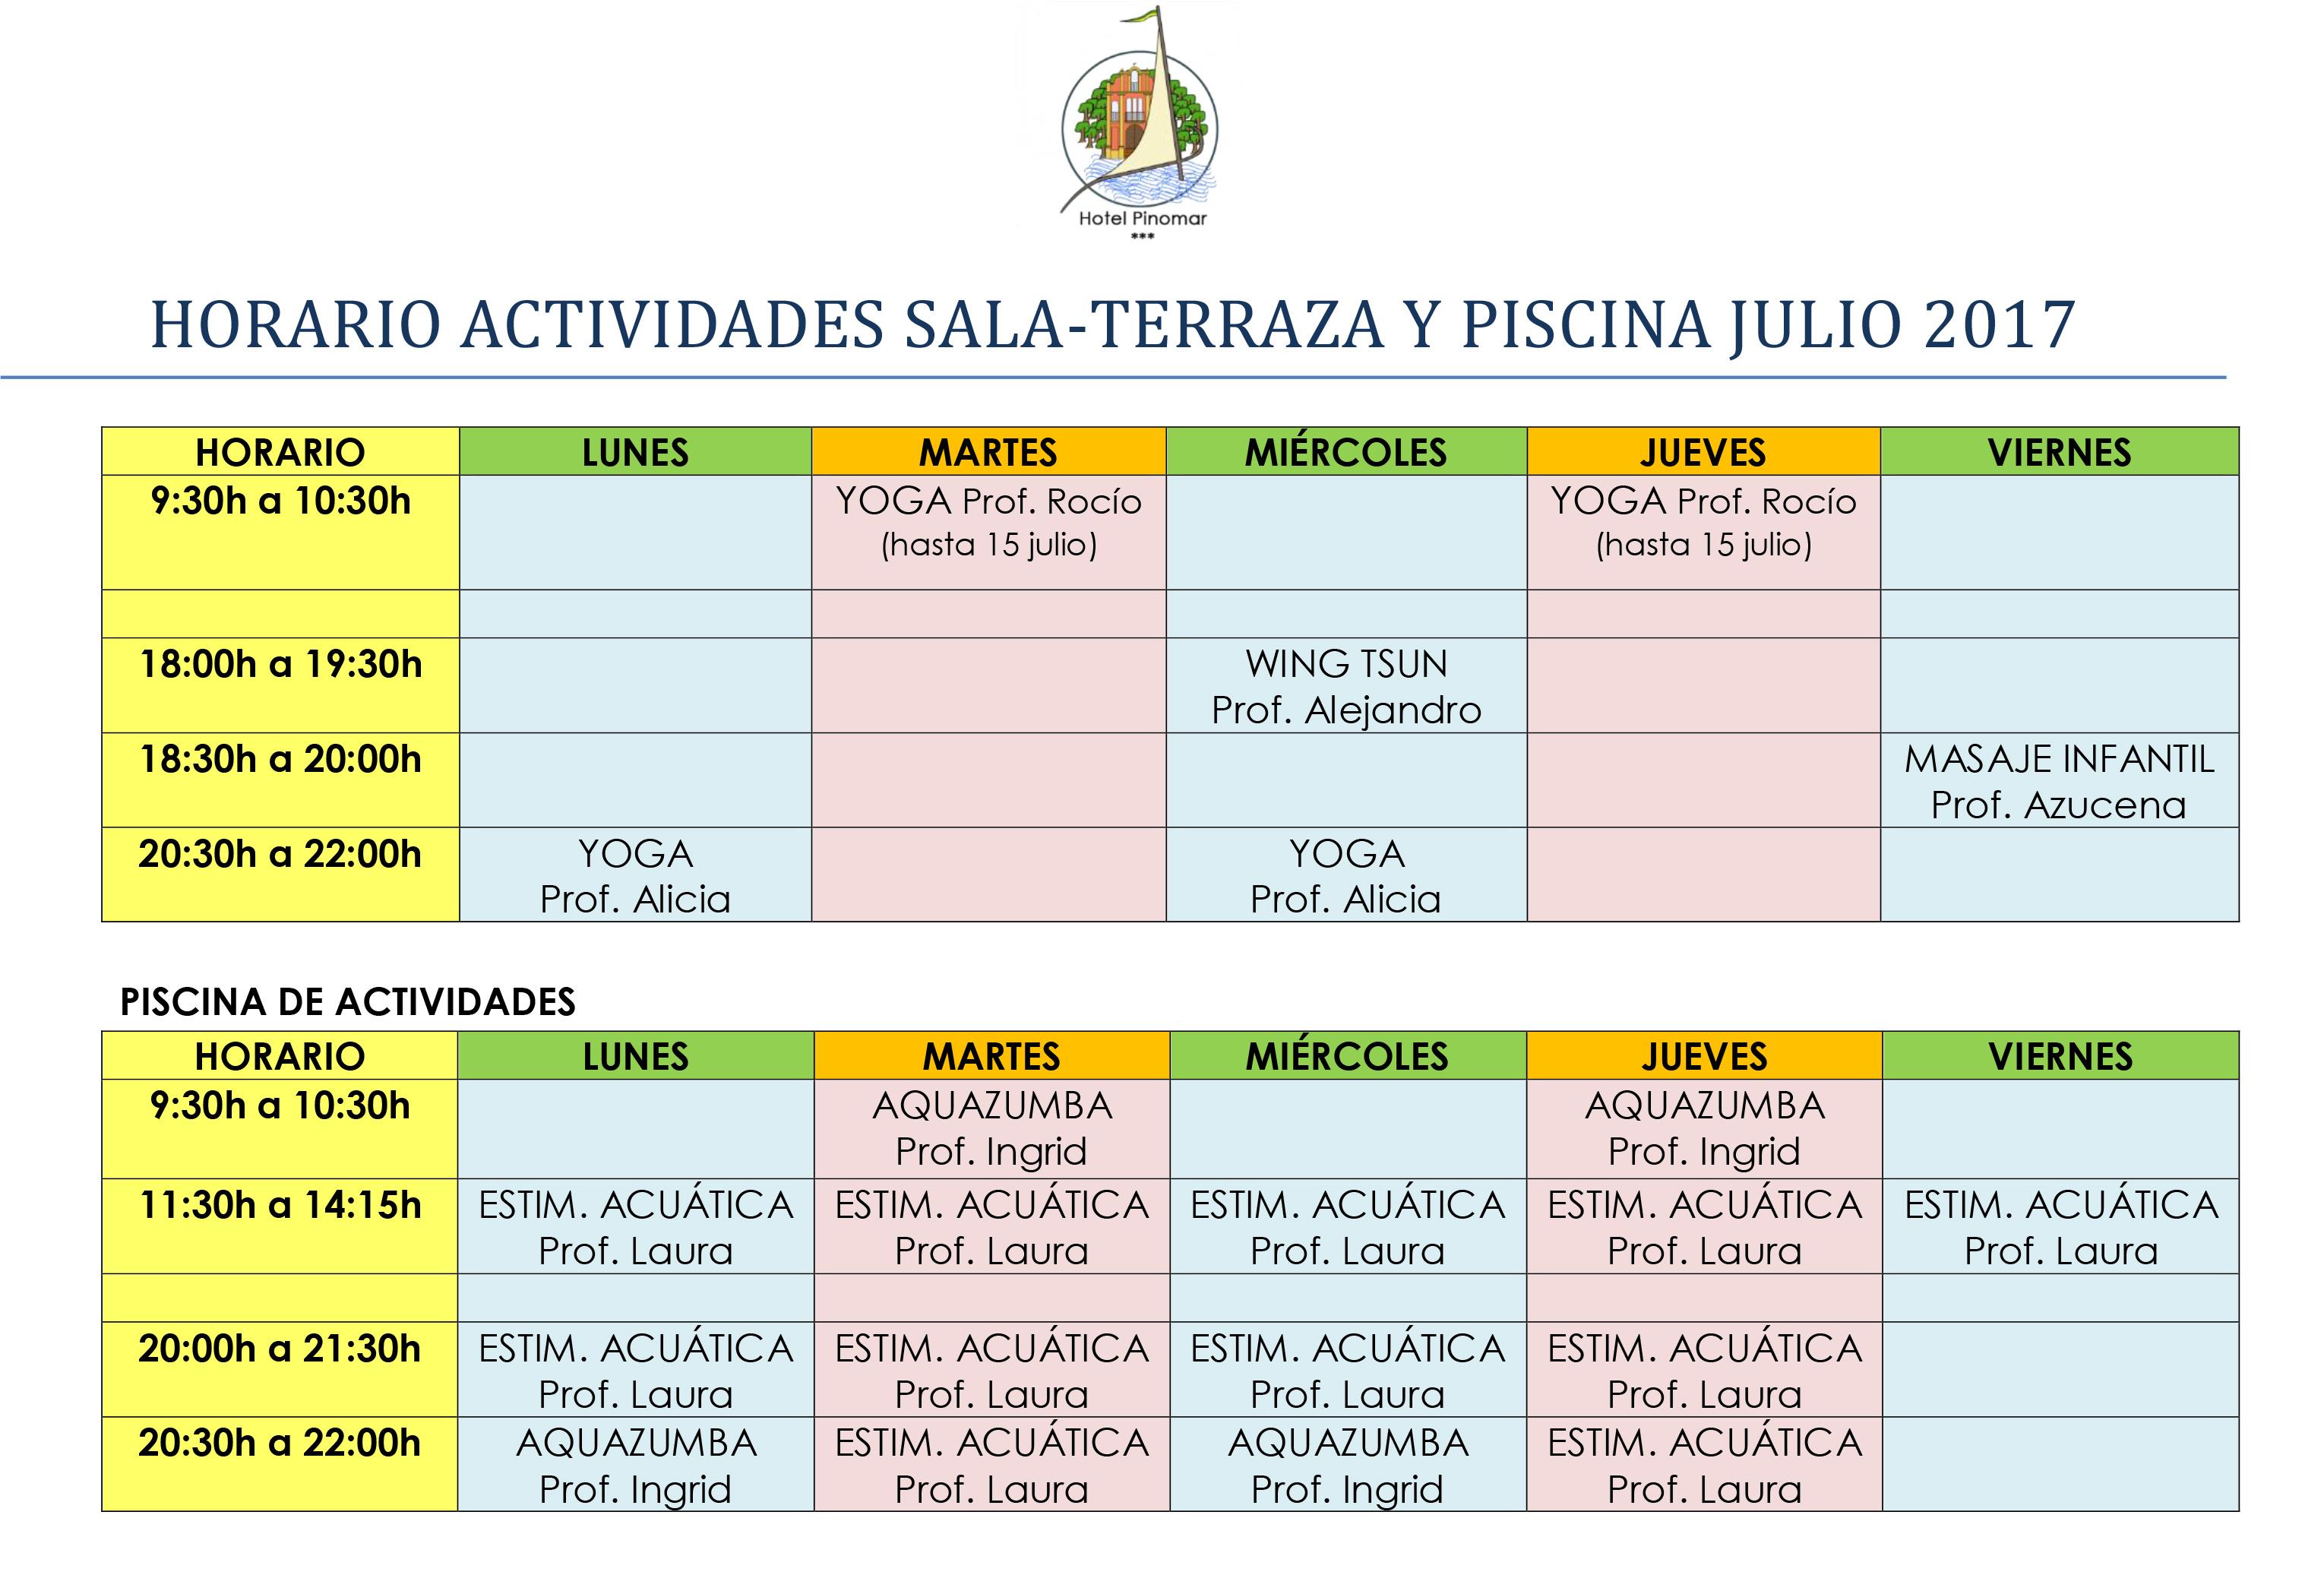 Horario actividades deportivas hotel pinomar for Piscina xirivella horario 2017